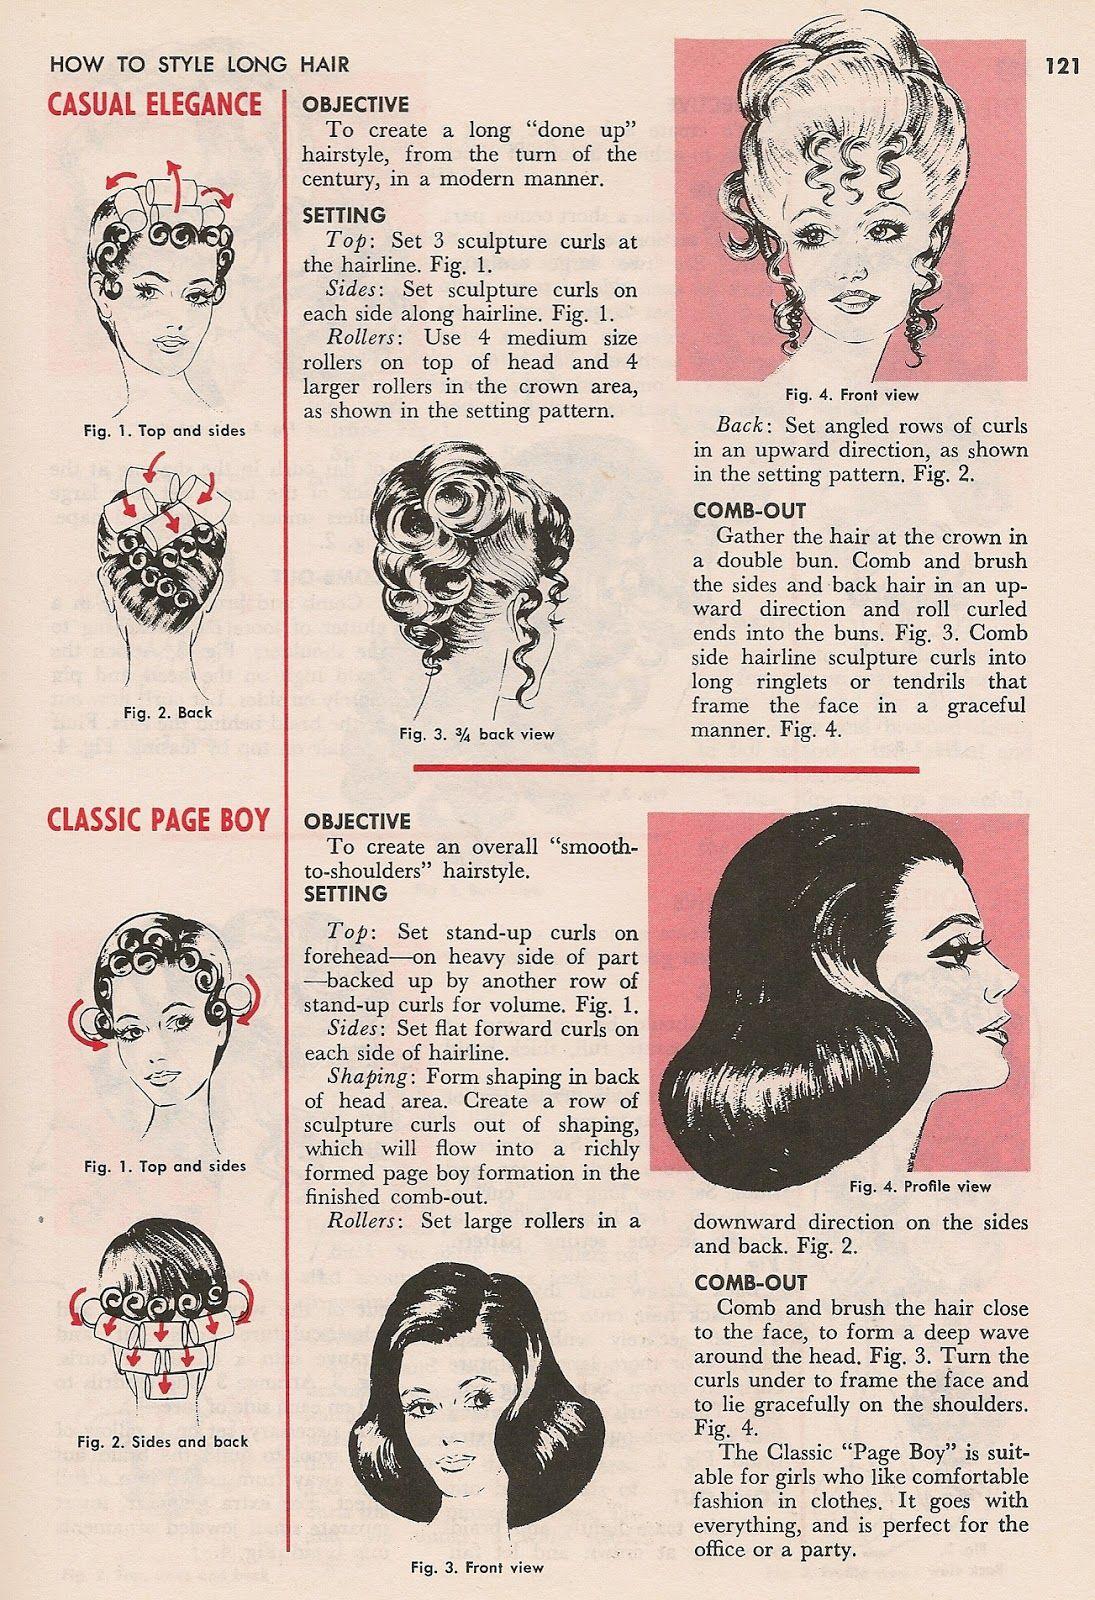 1970's | Vintage hairstyles, Retro hairstyles, Vintage